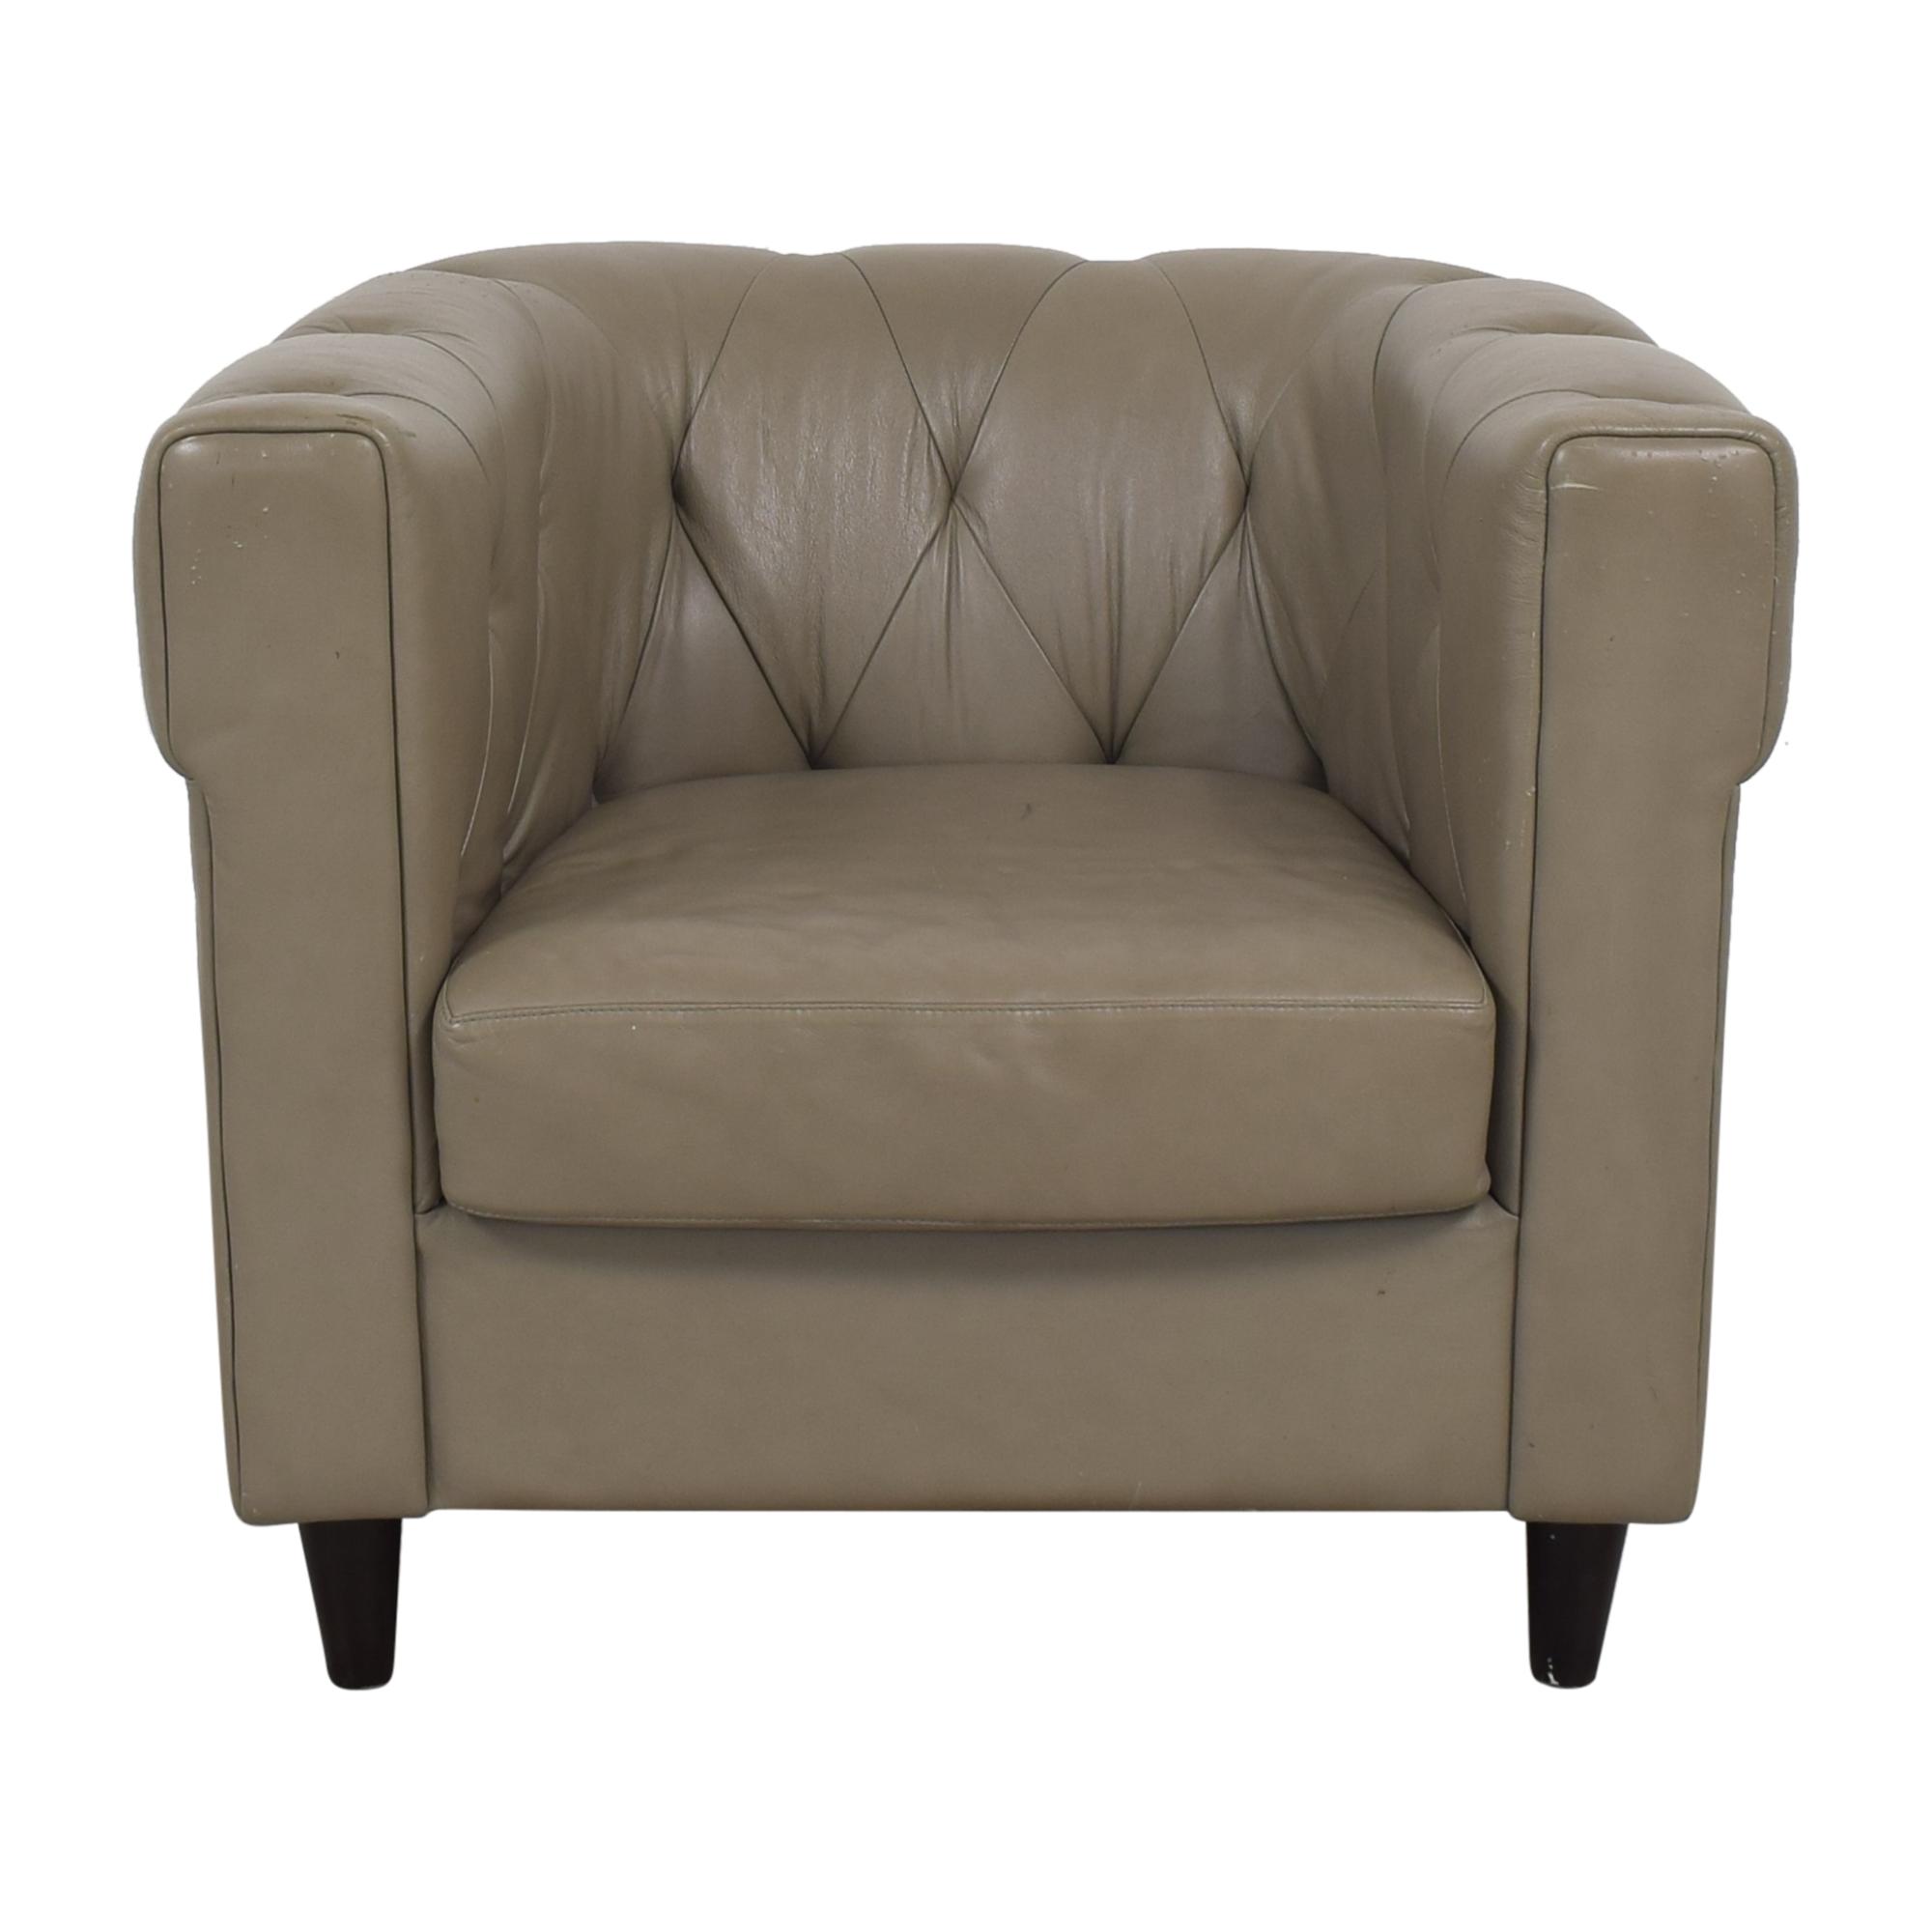 West Elm West Elm Club Chair pa